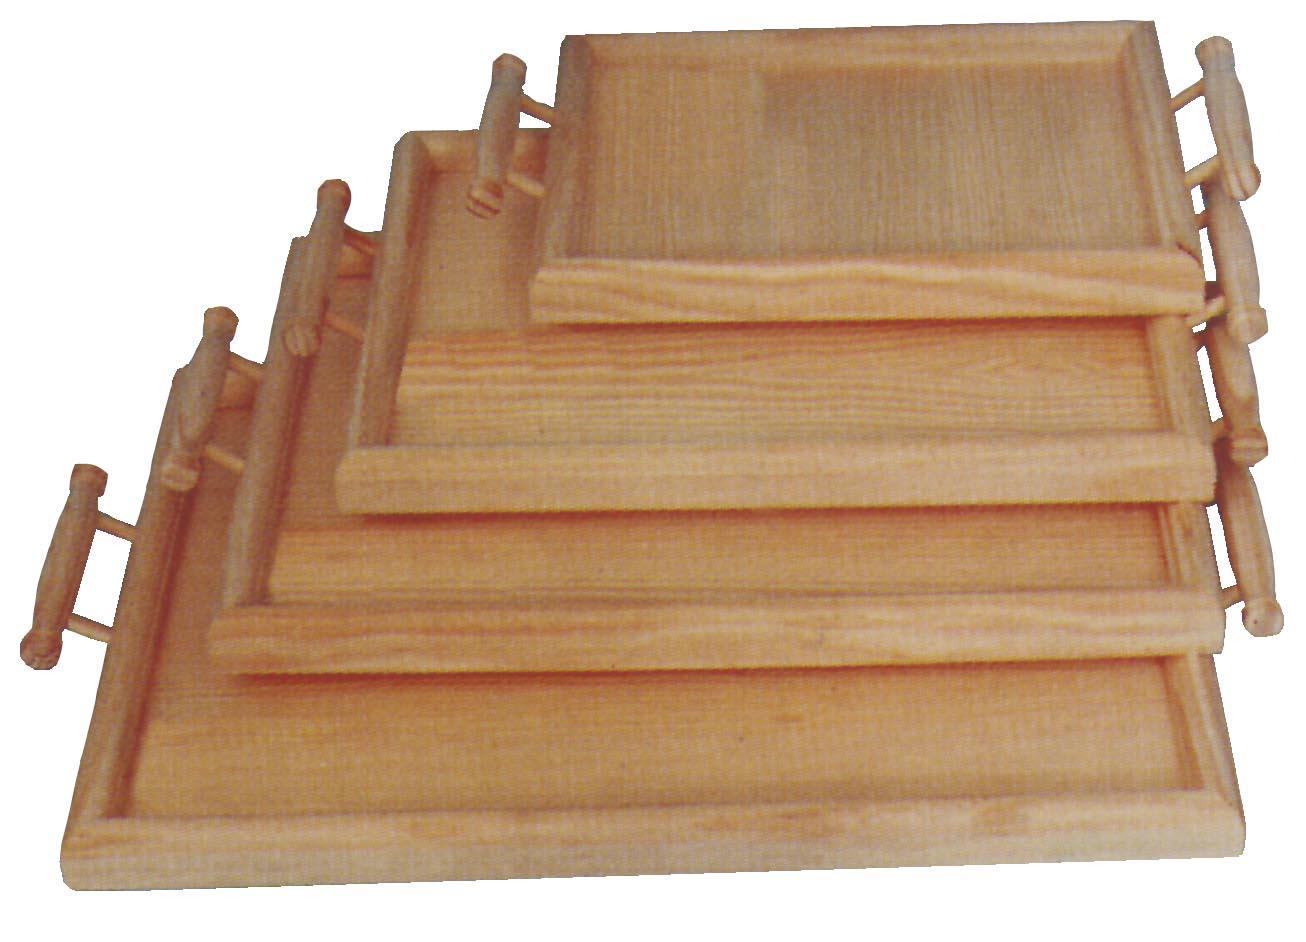 Blog decoman bellas artes y manualidades producto de la semana la madera - Productos de madera para manualidades ...